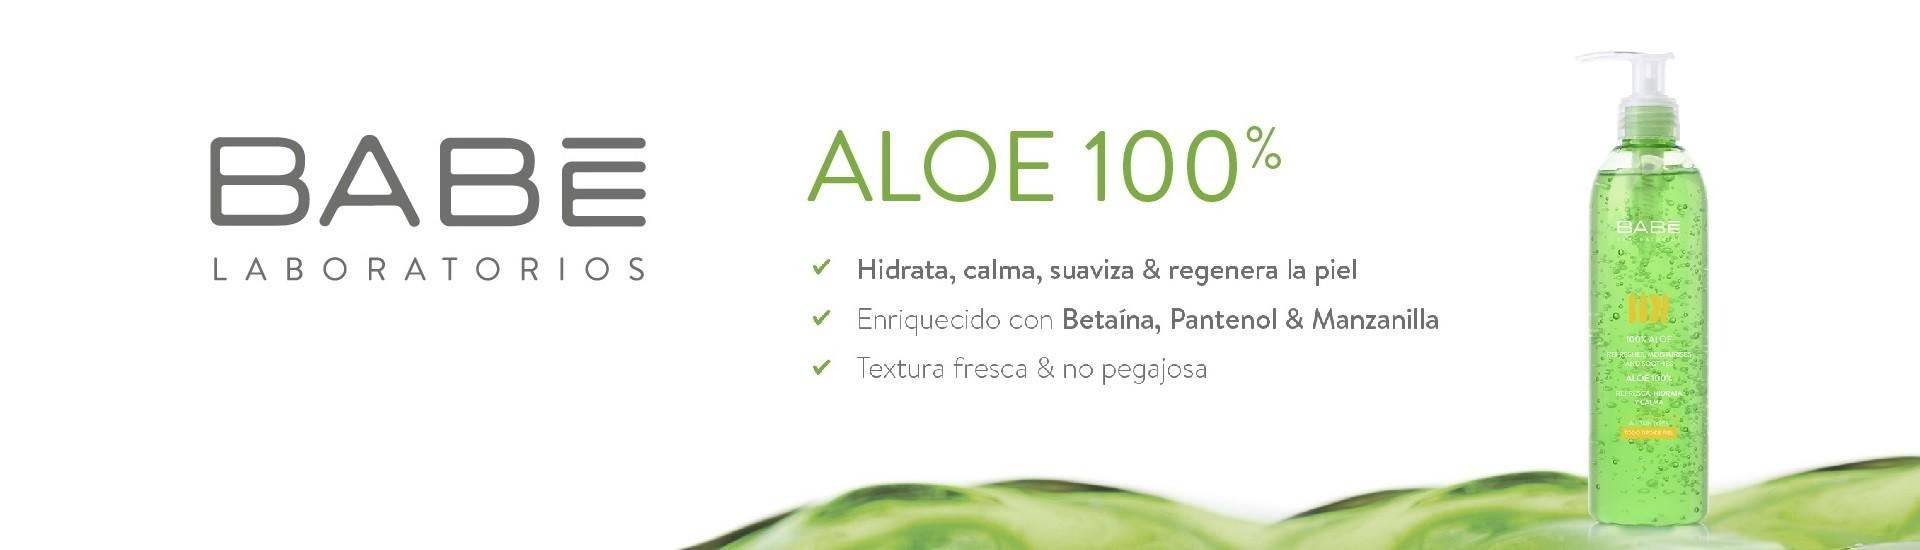 Crema hidratante y anti envejecimiento de Aloe Vera